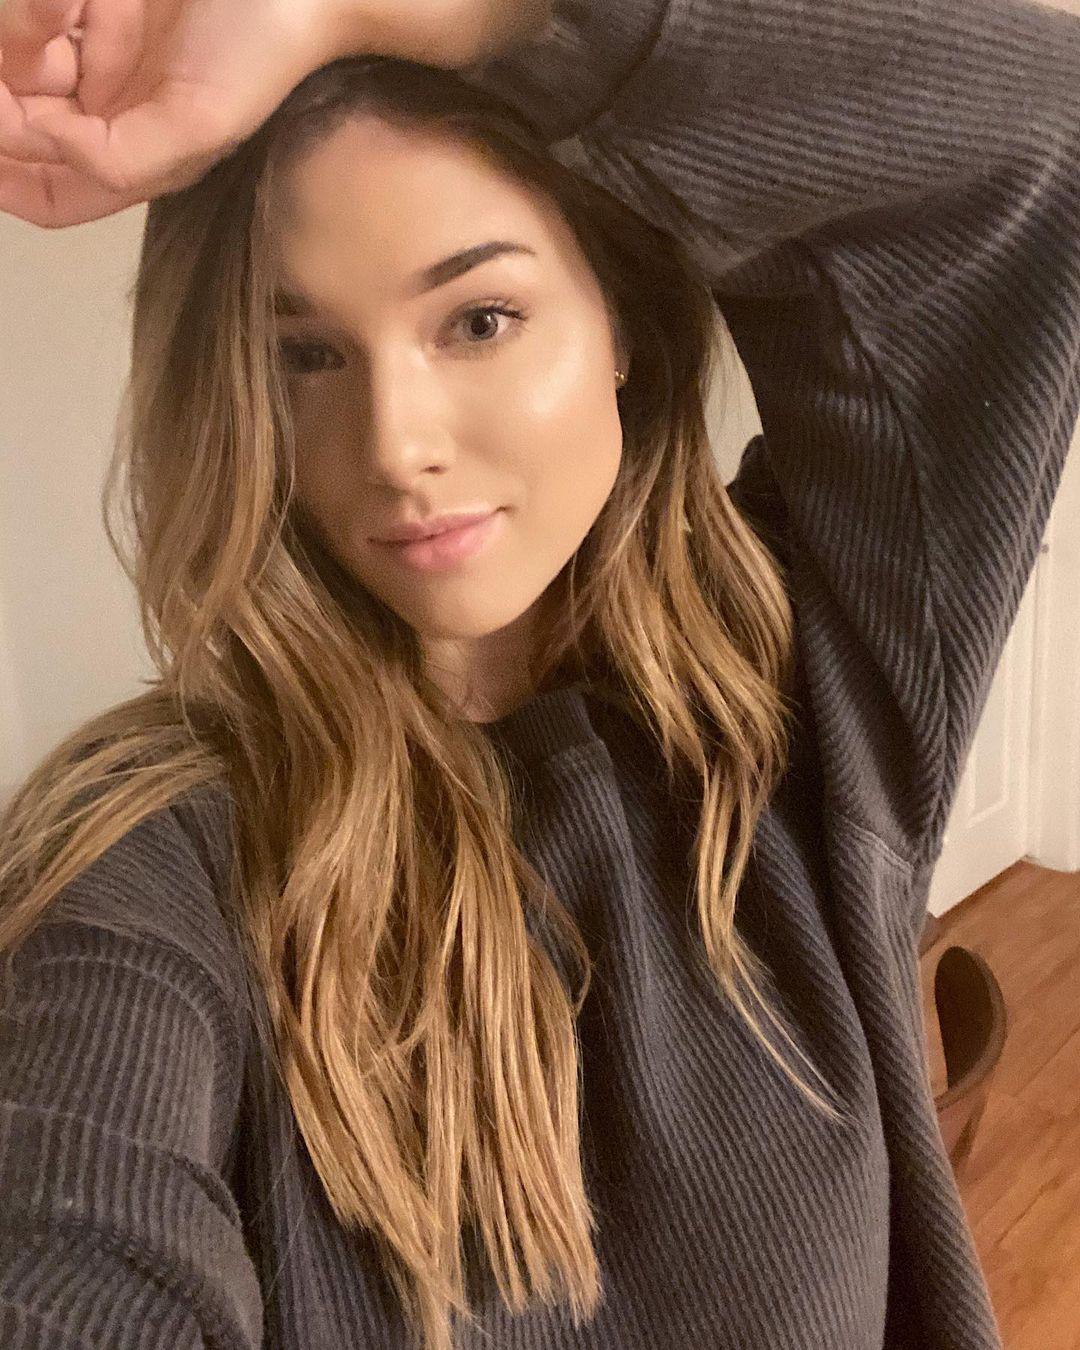 Lauren-Summer-Wallpapers-Insta-Fit-Bio-13